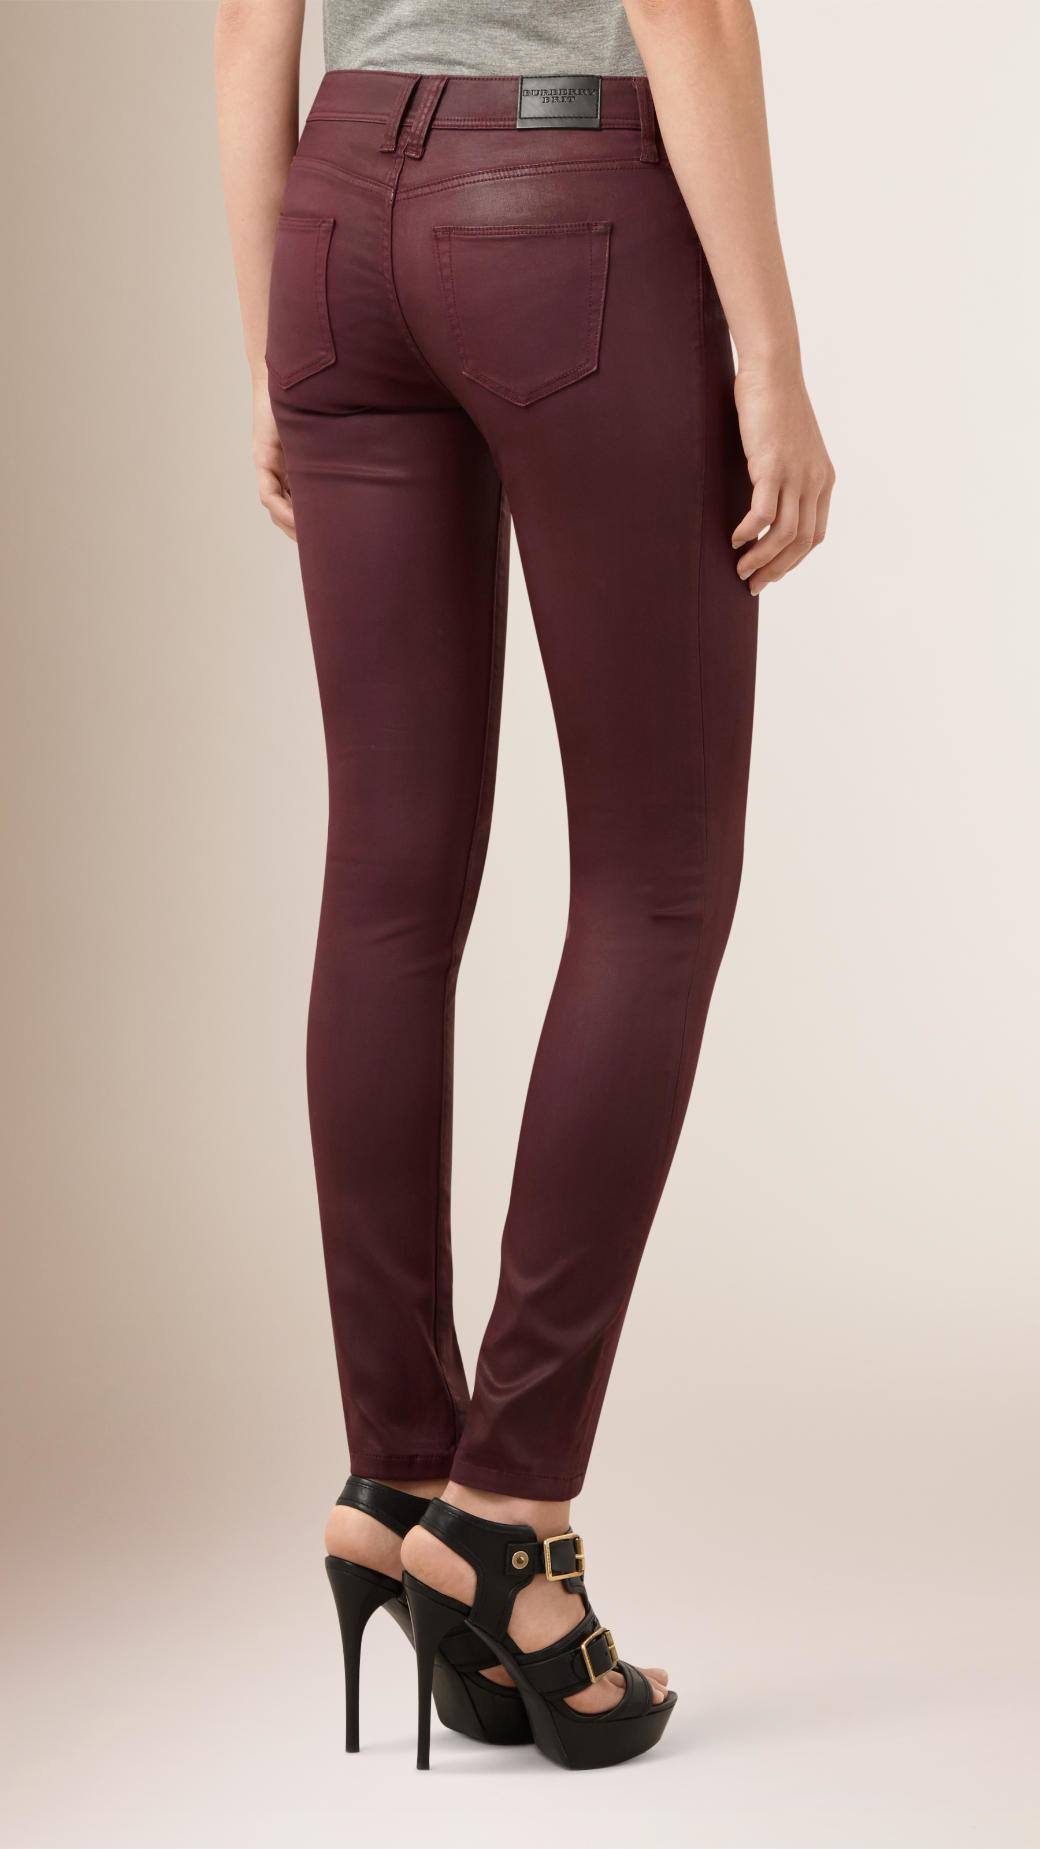 Maigre Ajustement Cire De Faible Hauteur Des Jeans Enduits - Noir Burberry nAwp0jAk5a